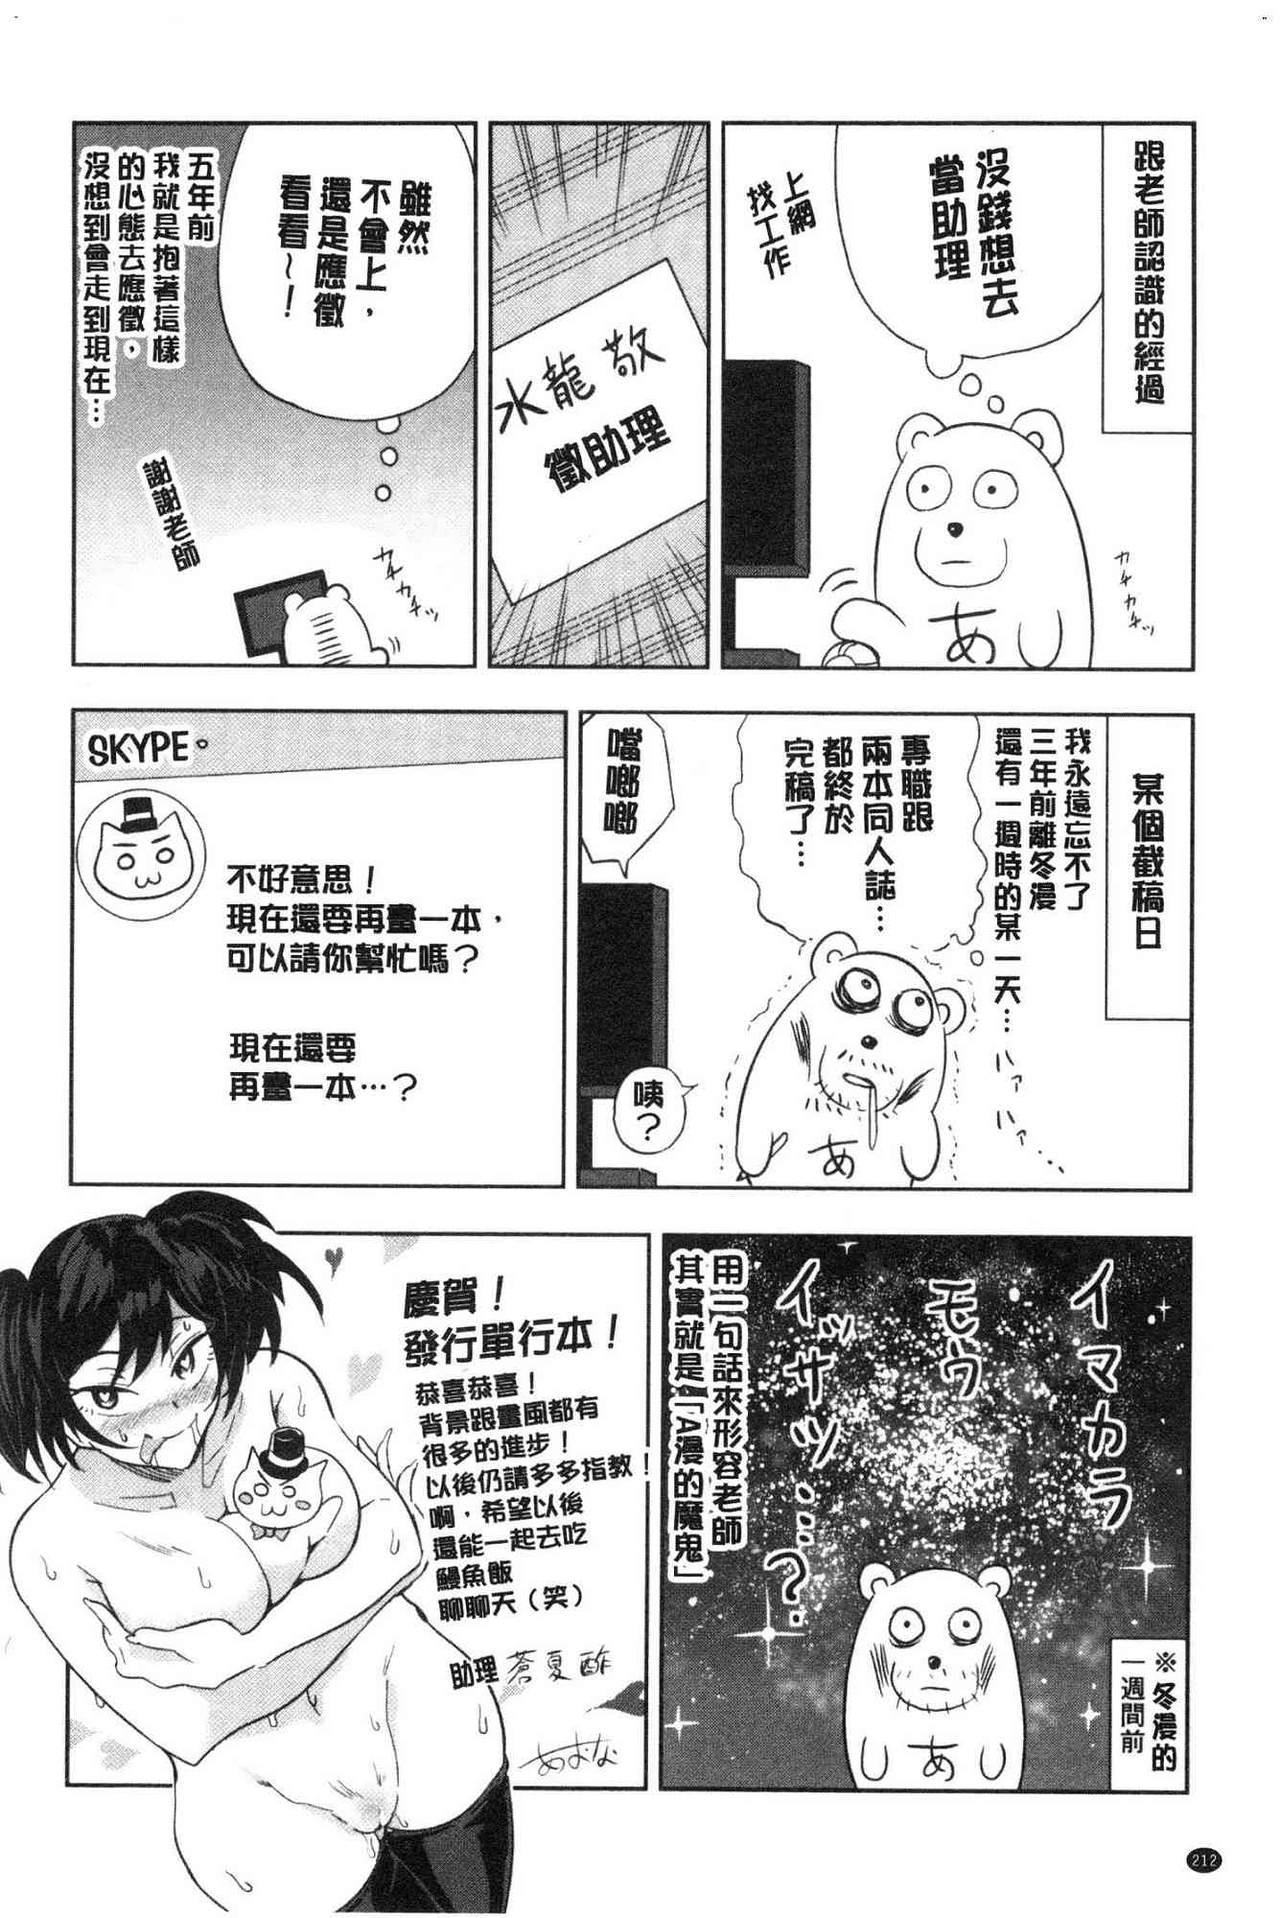 Shikiyoku INFINITE 212